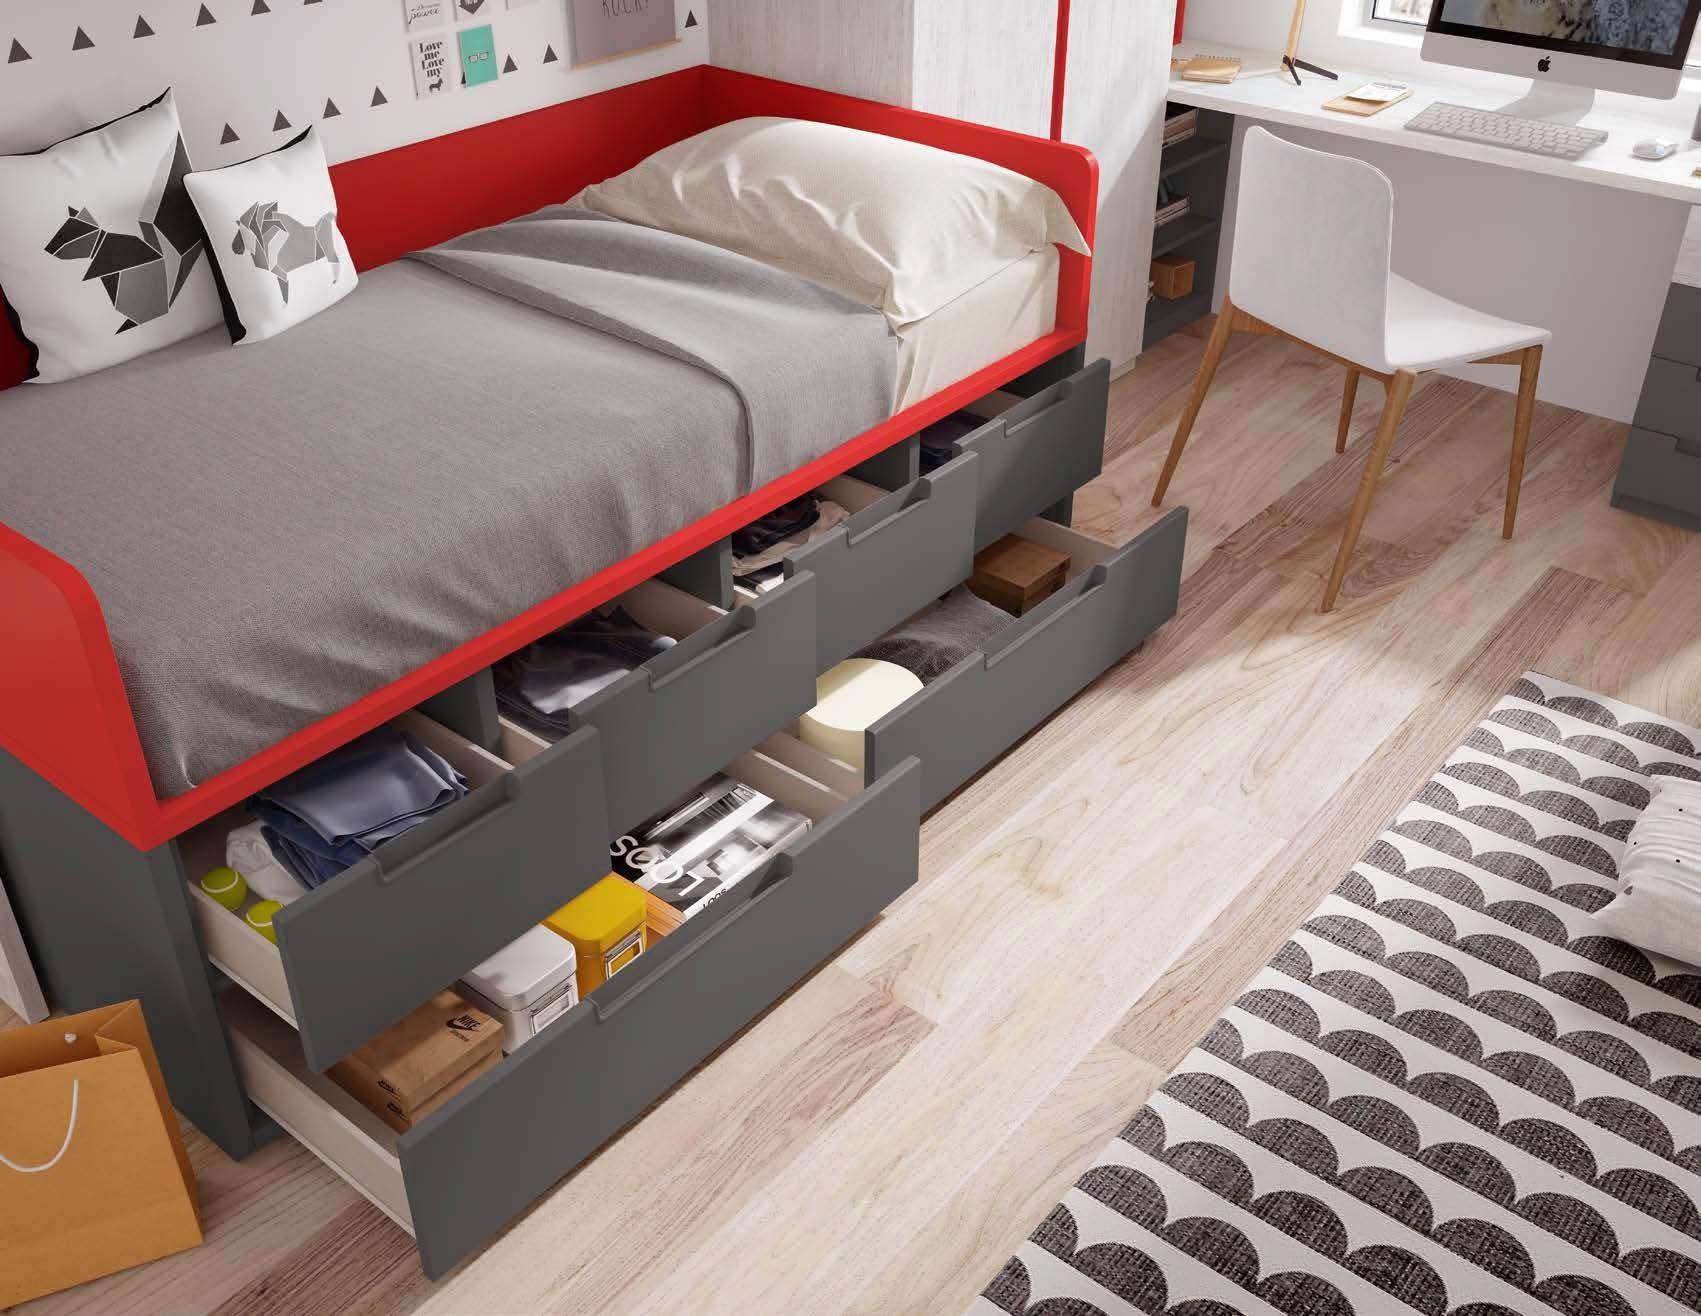 Lit Avec Rangement En Dessous lit 1 place avec rangement et un bureau - glicerio - so nuit